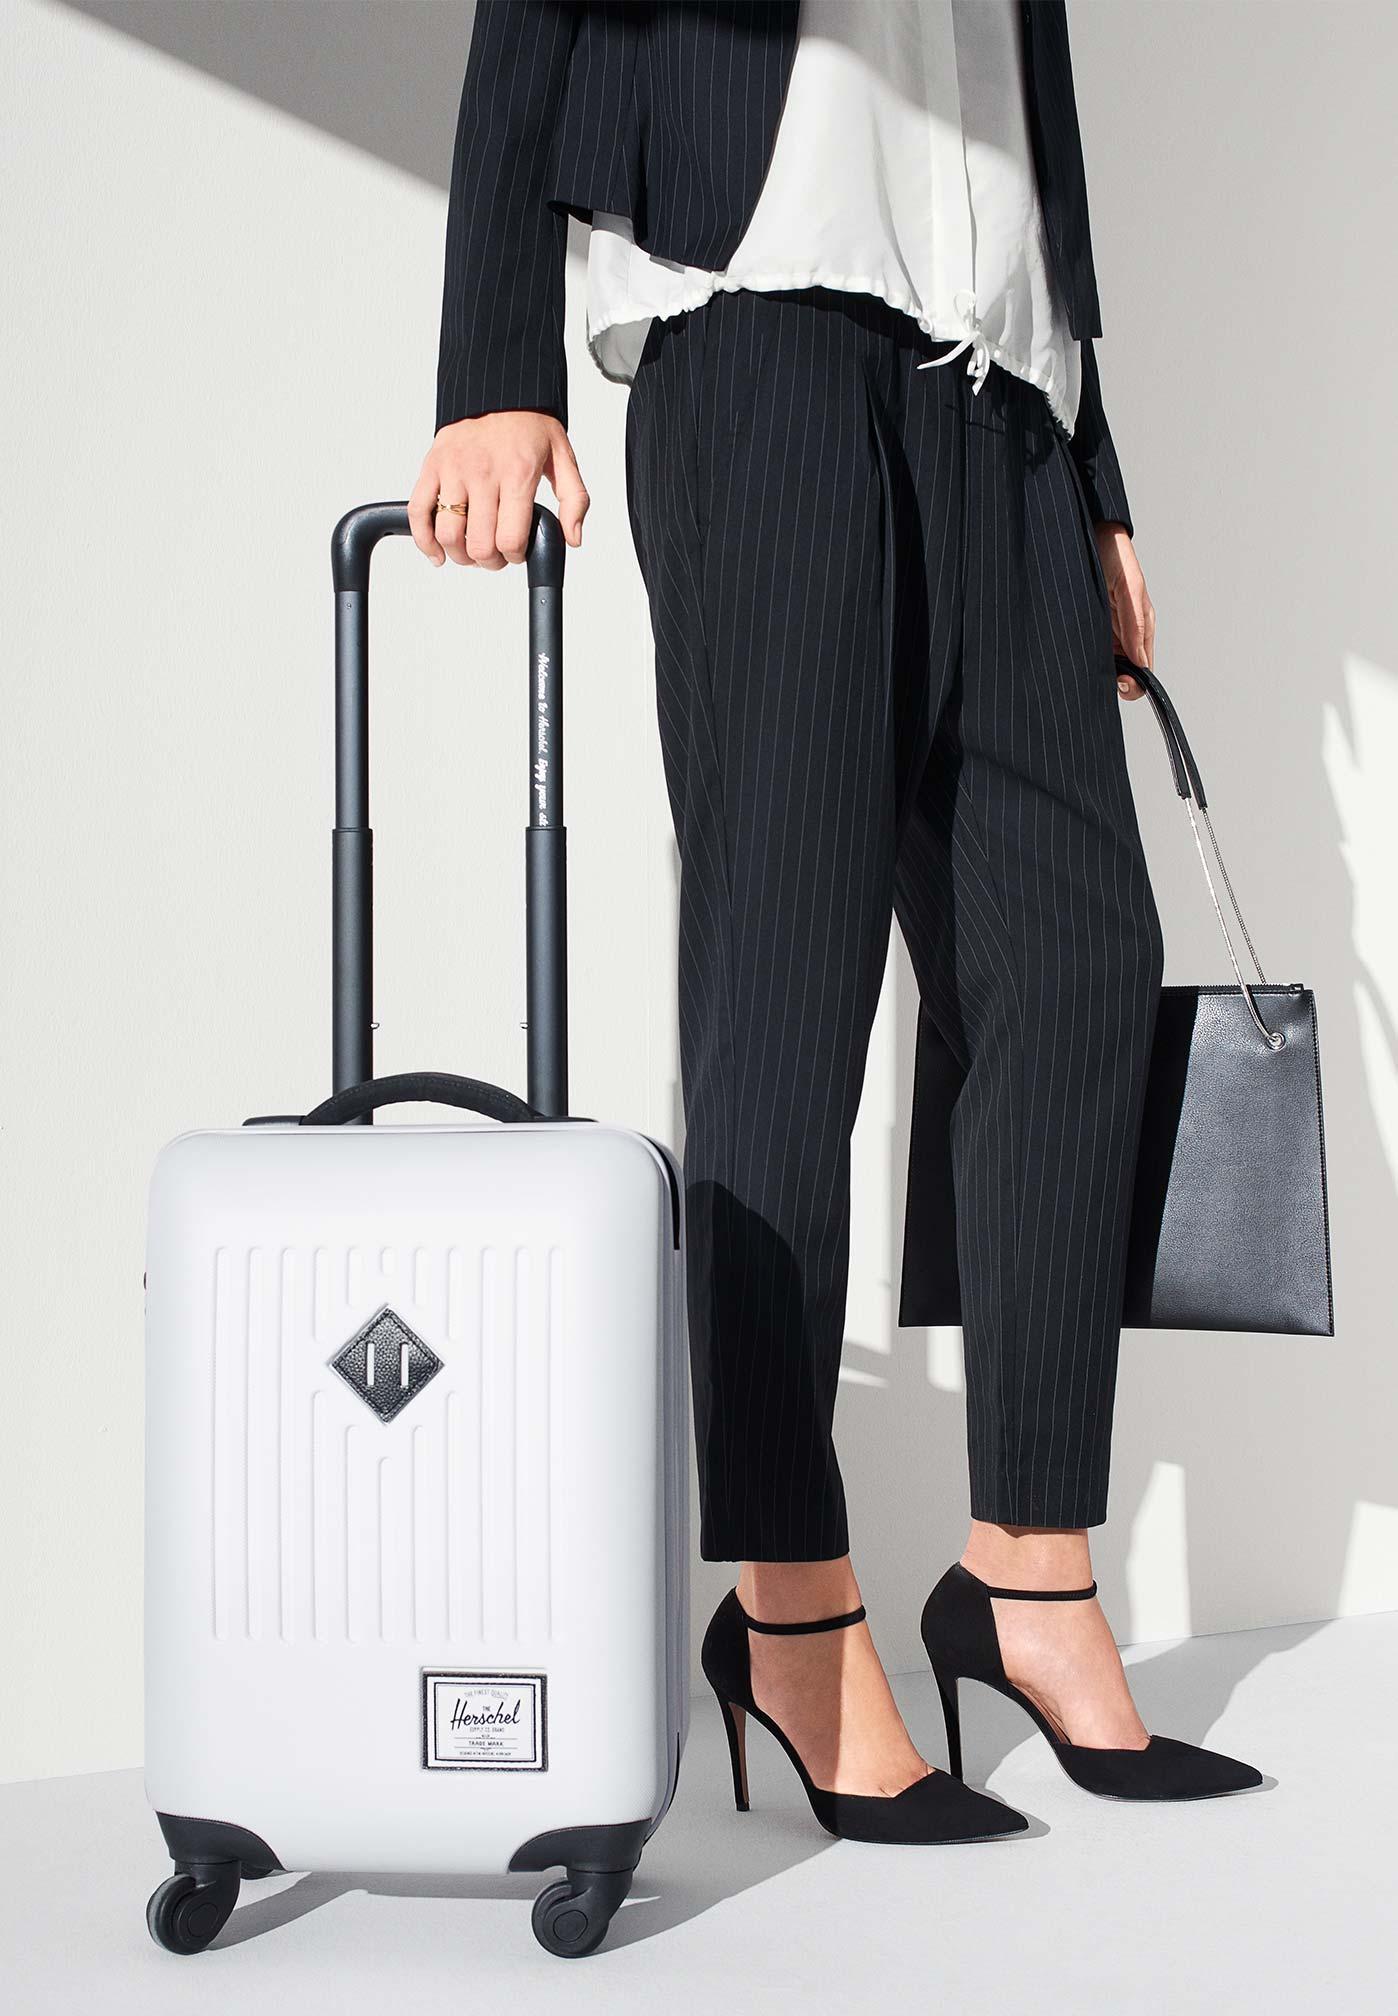 Welcher Trolley ist der richtige für Handgepäck?